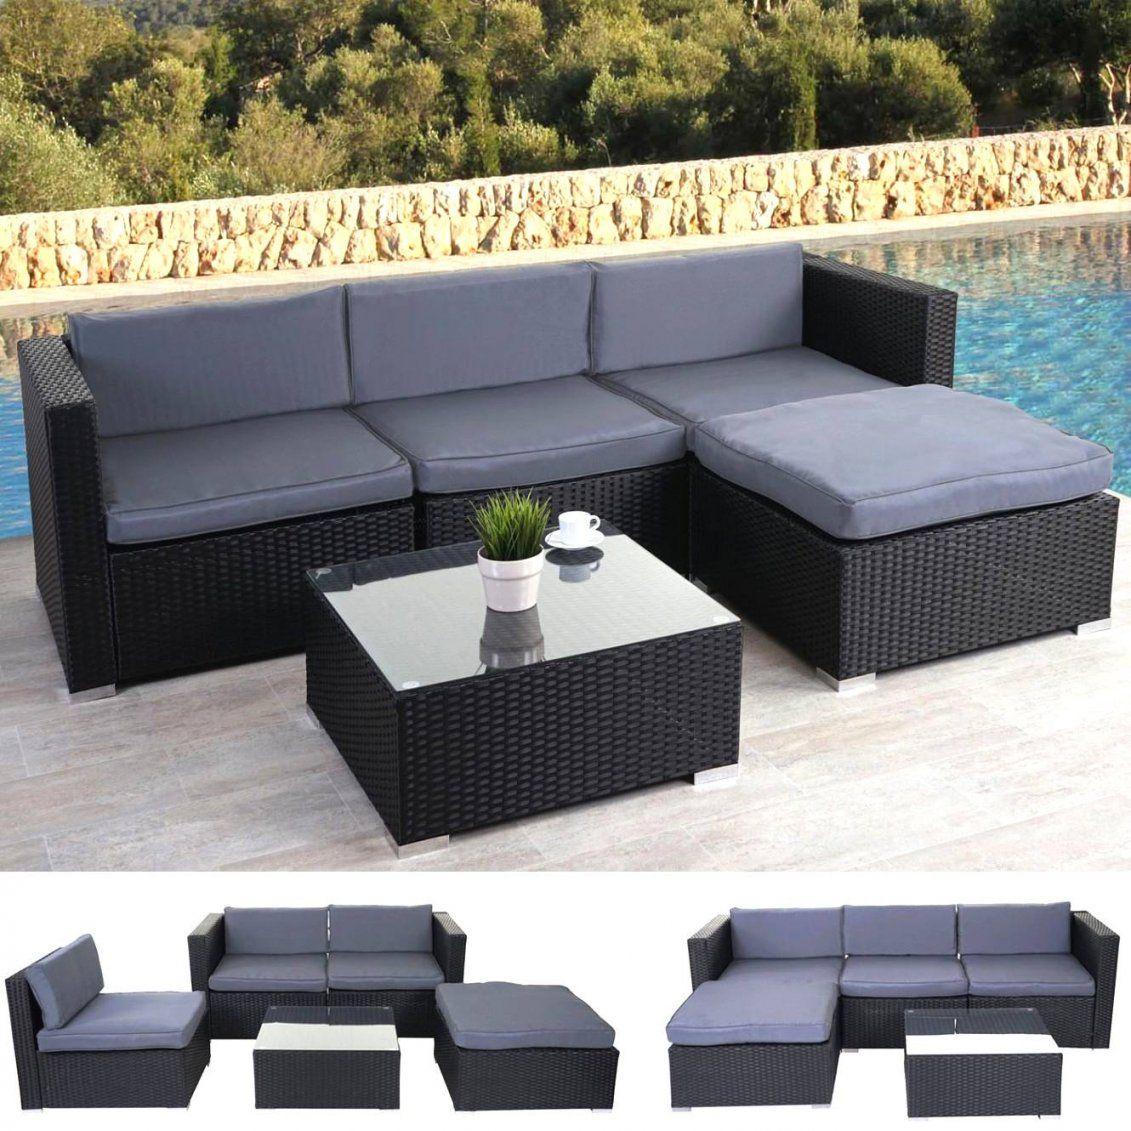 Gartenmobel Lounge Set Garten Lounges Sets Günstig Kaufen Zachary ...